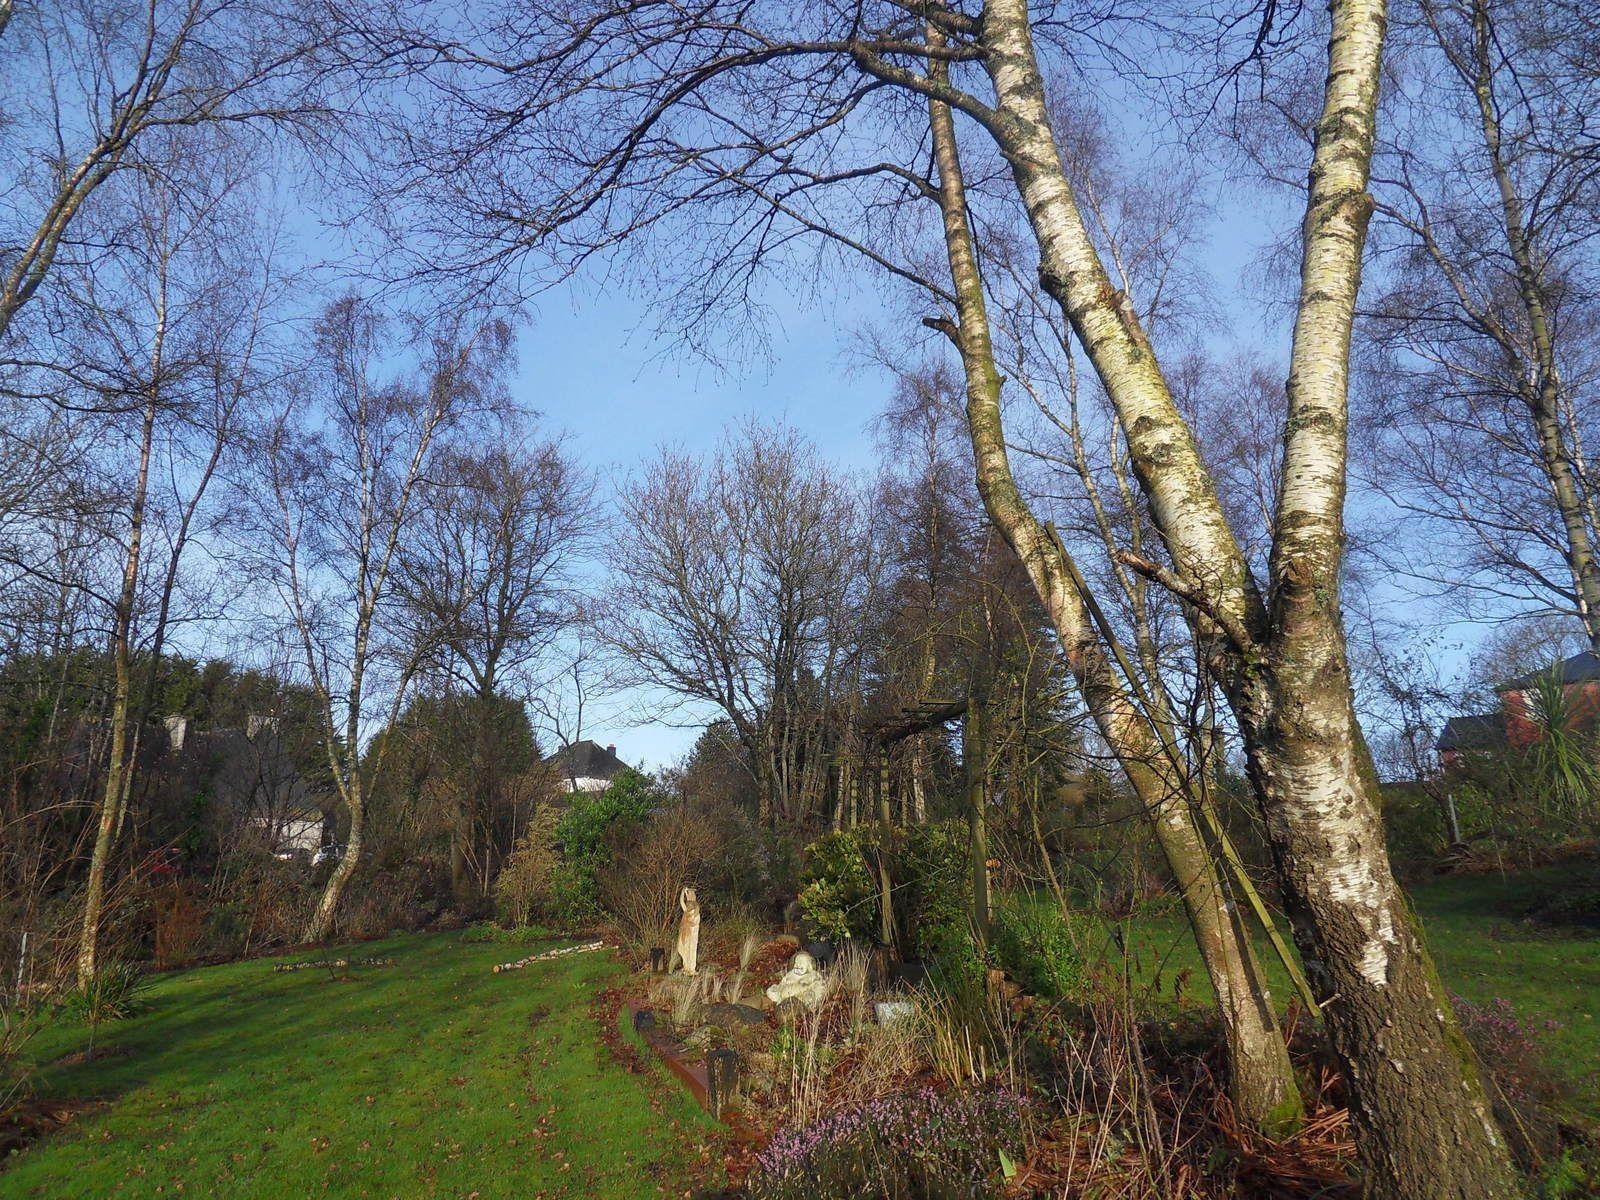 voila ce qu'il reste en arbres , pas mal encore debout !!! le jardin est plus clair , il y aura toujours assez d'ombre ..